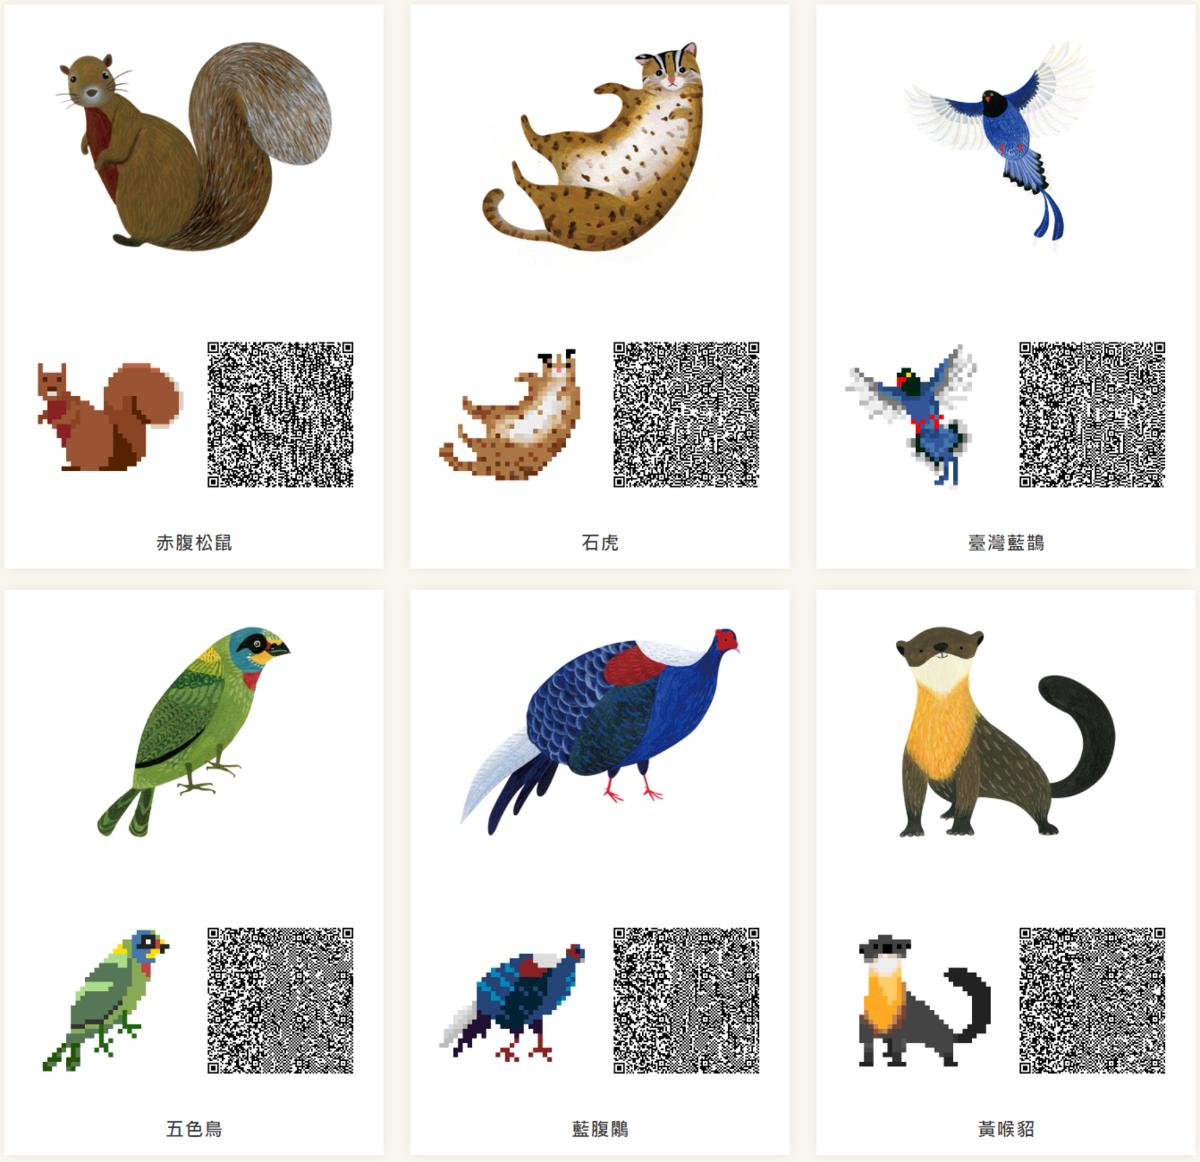 以「里山動物」系列插畫設計的素材。(翻攝自林務局官網)